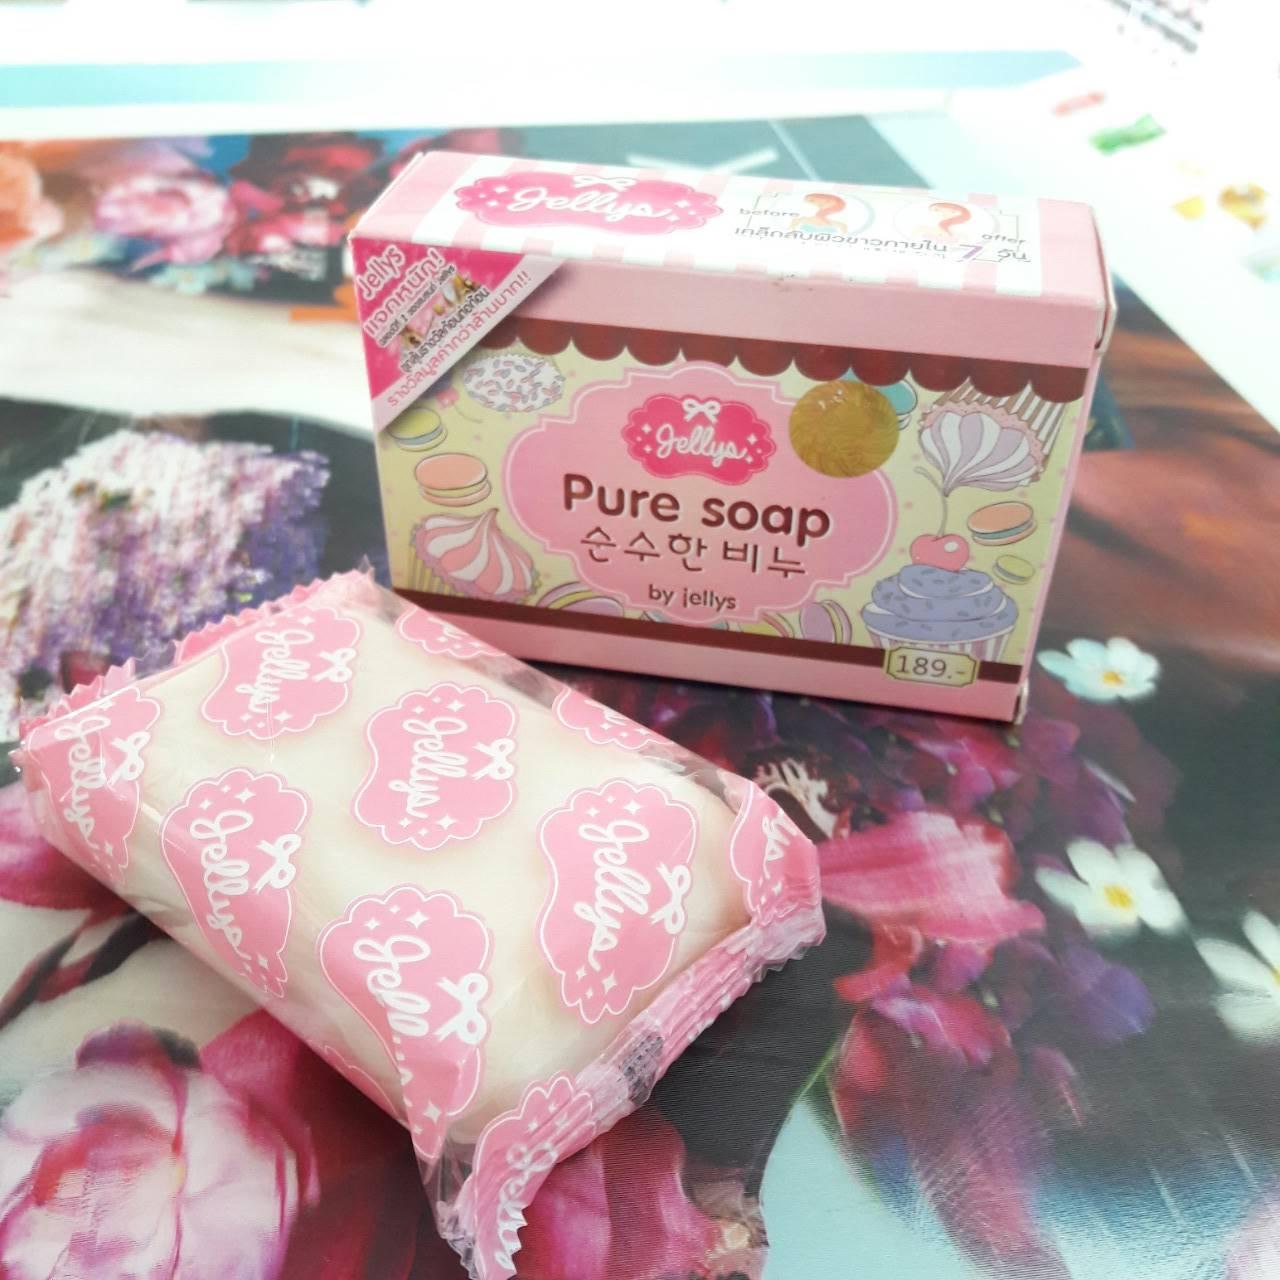 Pure Soap By Jellys สบู่เจลลี่ ลดฝ้า กระ จุดด่างดำ ลดการเกิดสิว 90 บาท